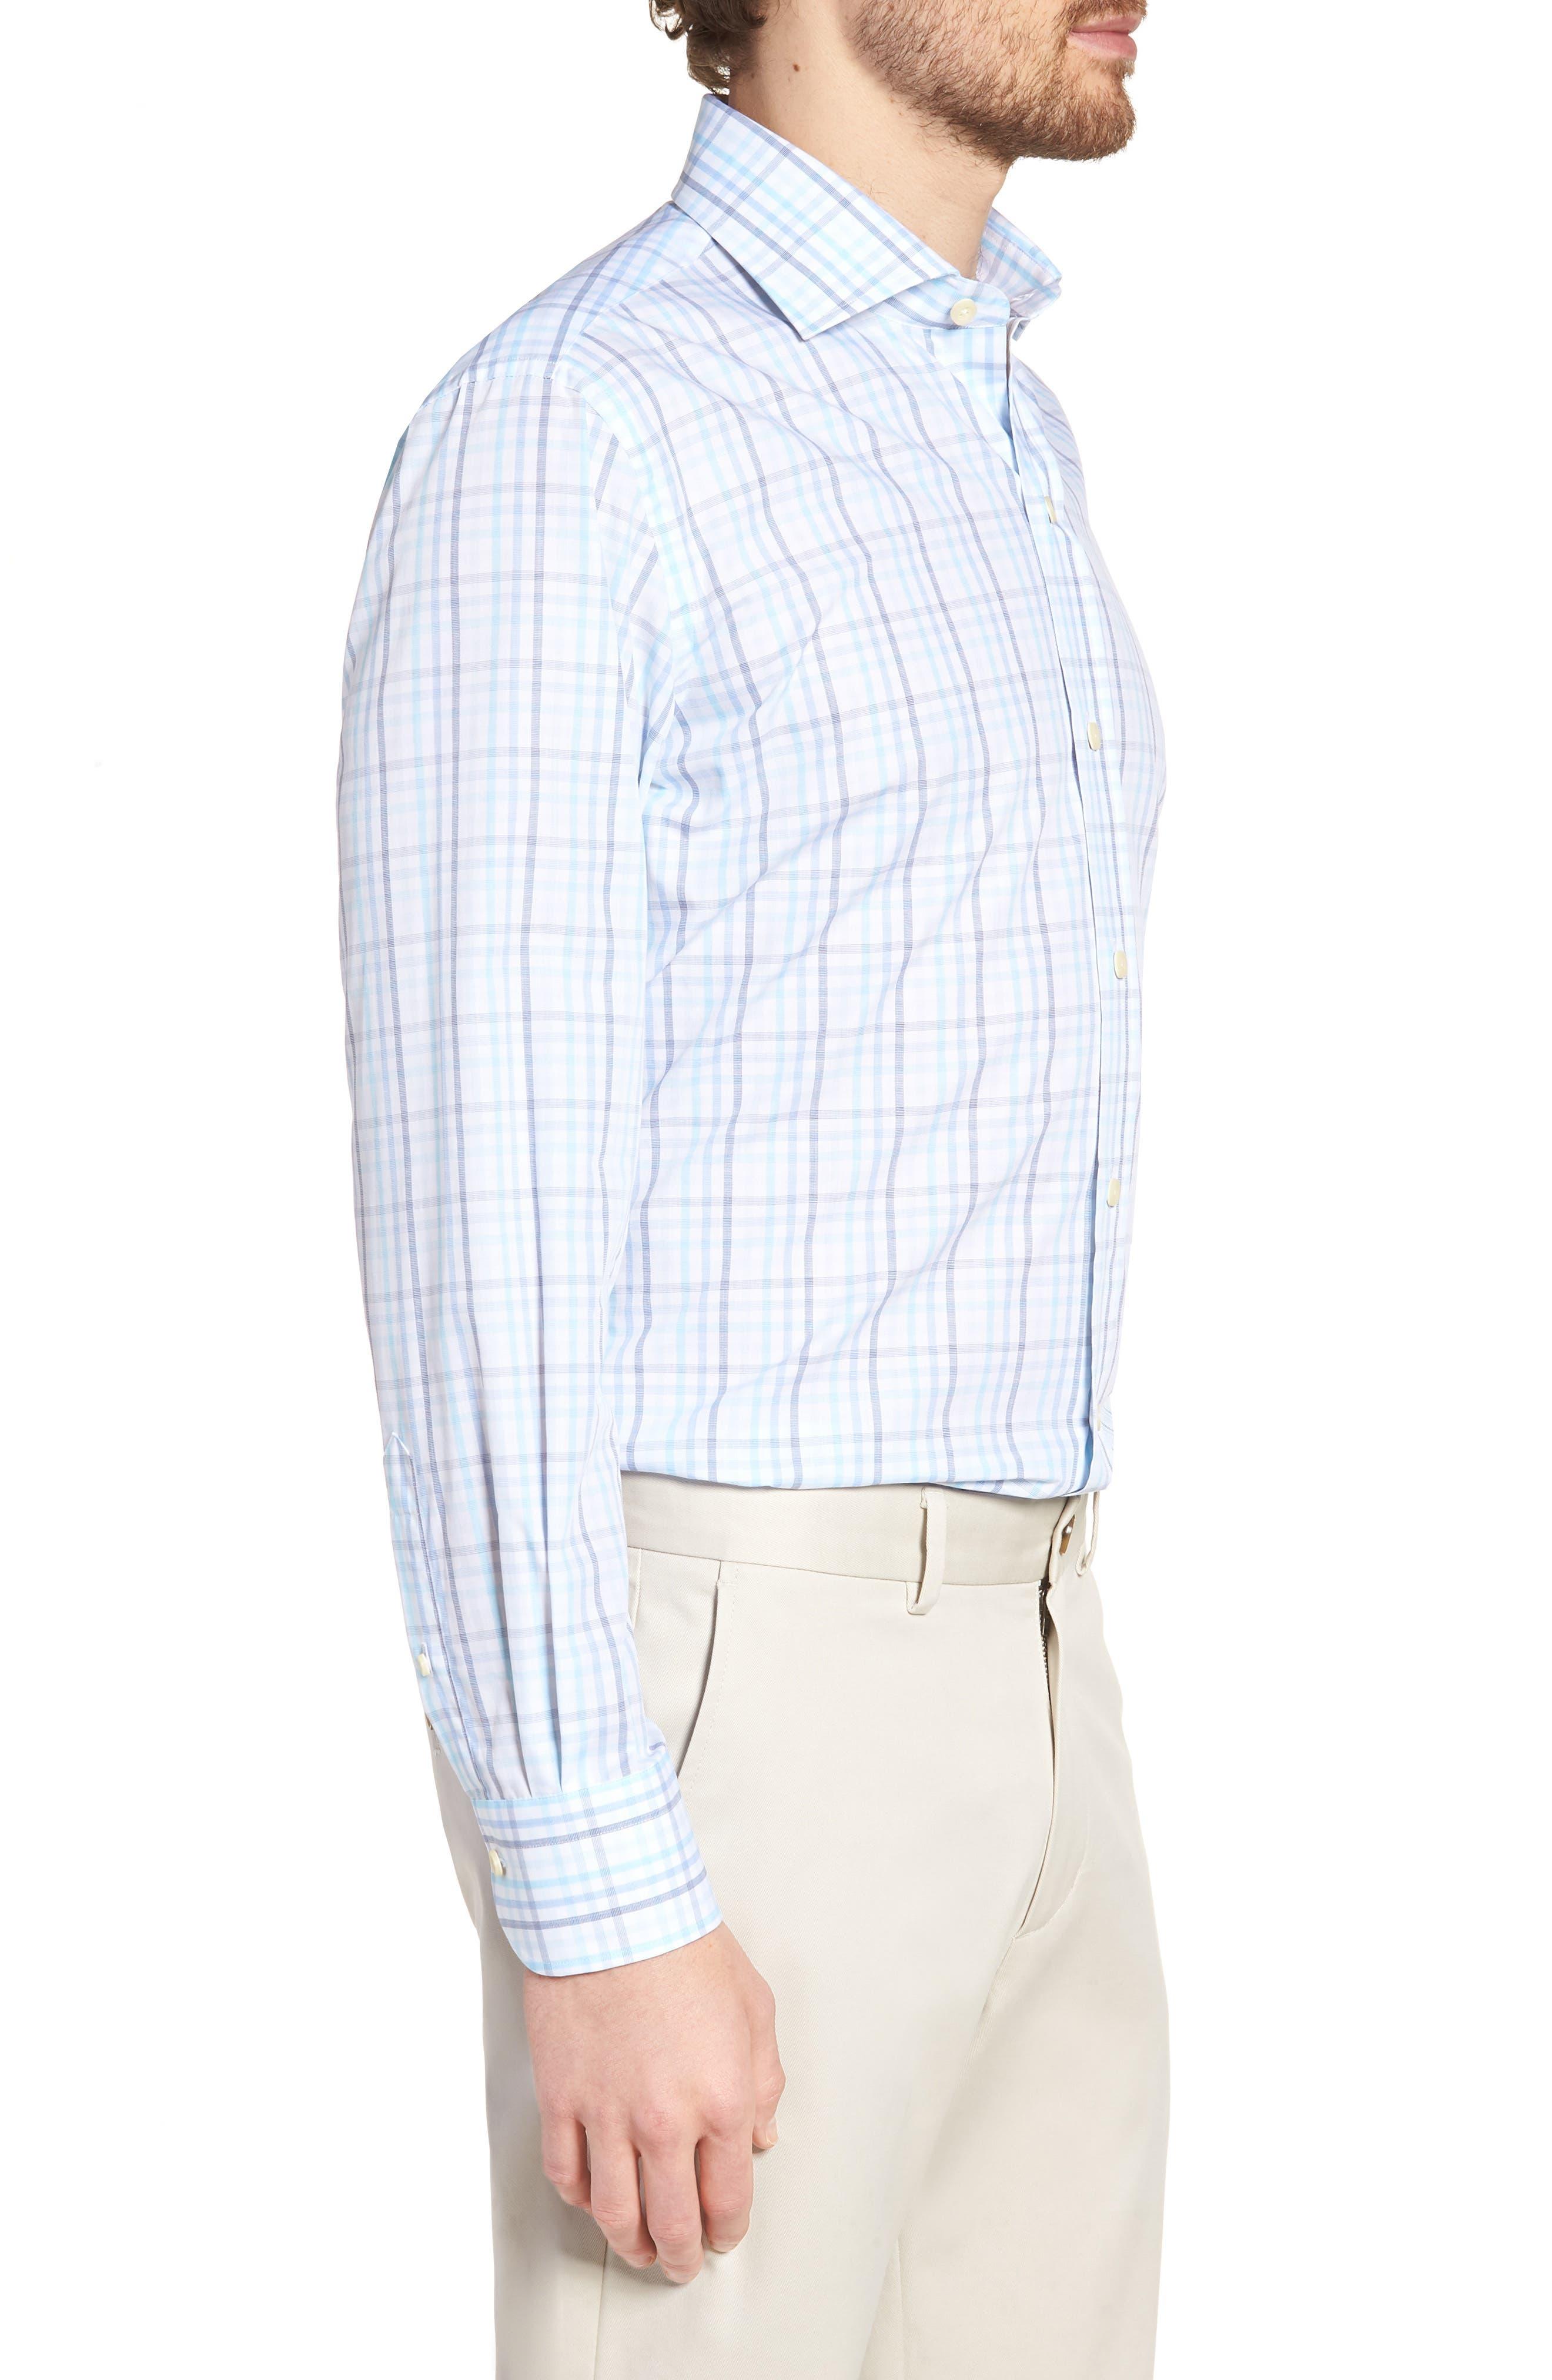 Pelton Slim Fit Check Dress Shirt,                             Alternate thumbnail 4, color,                             Turquoise/ Aqua